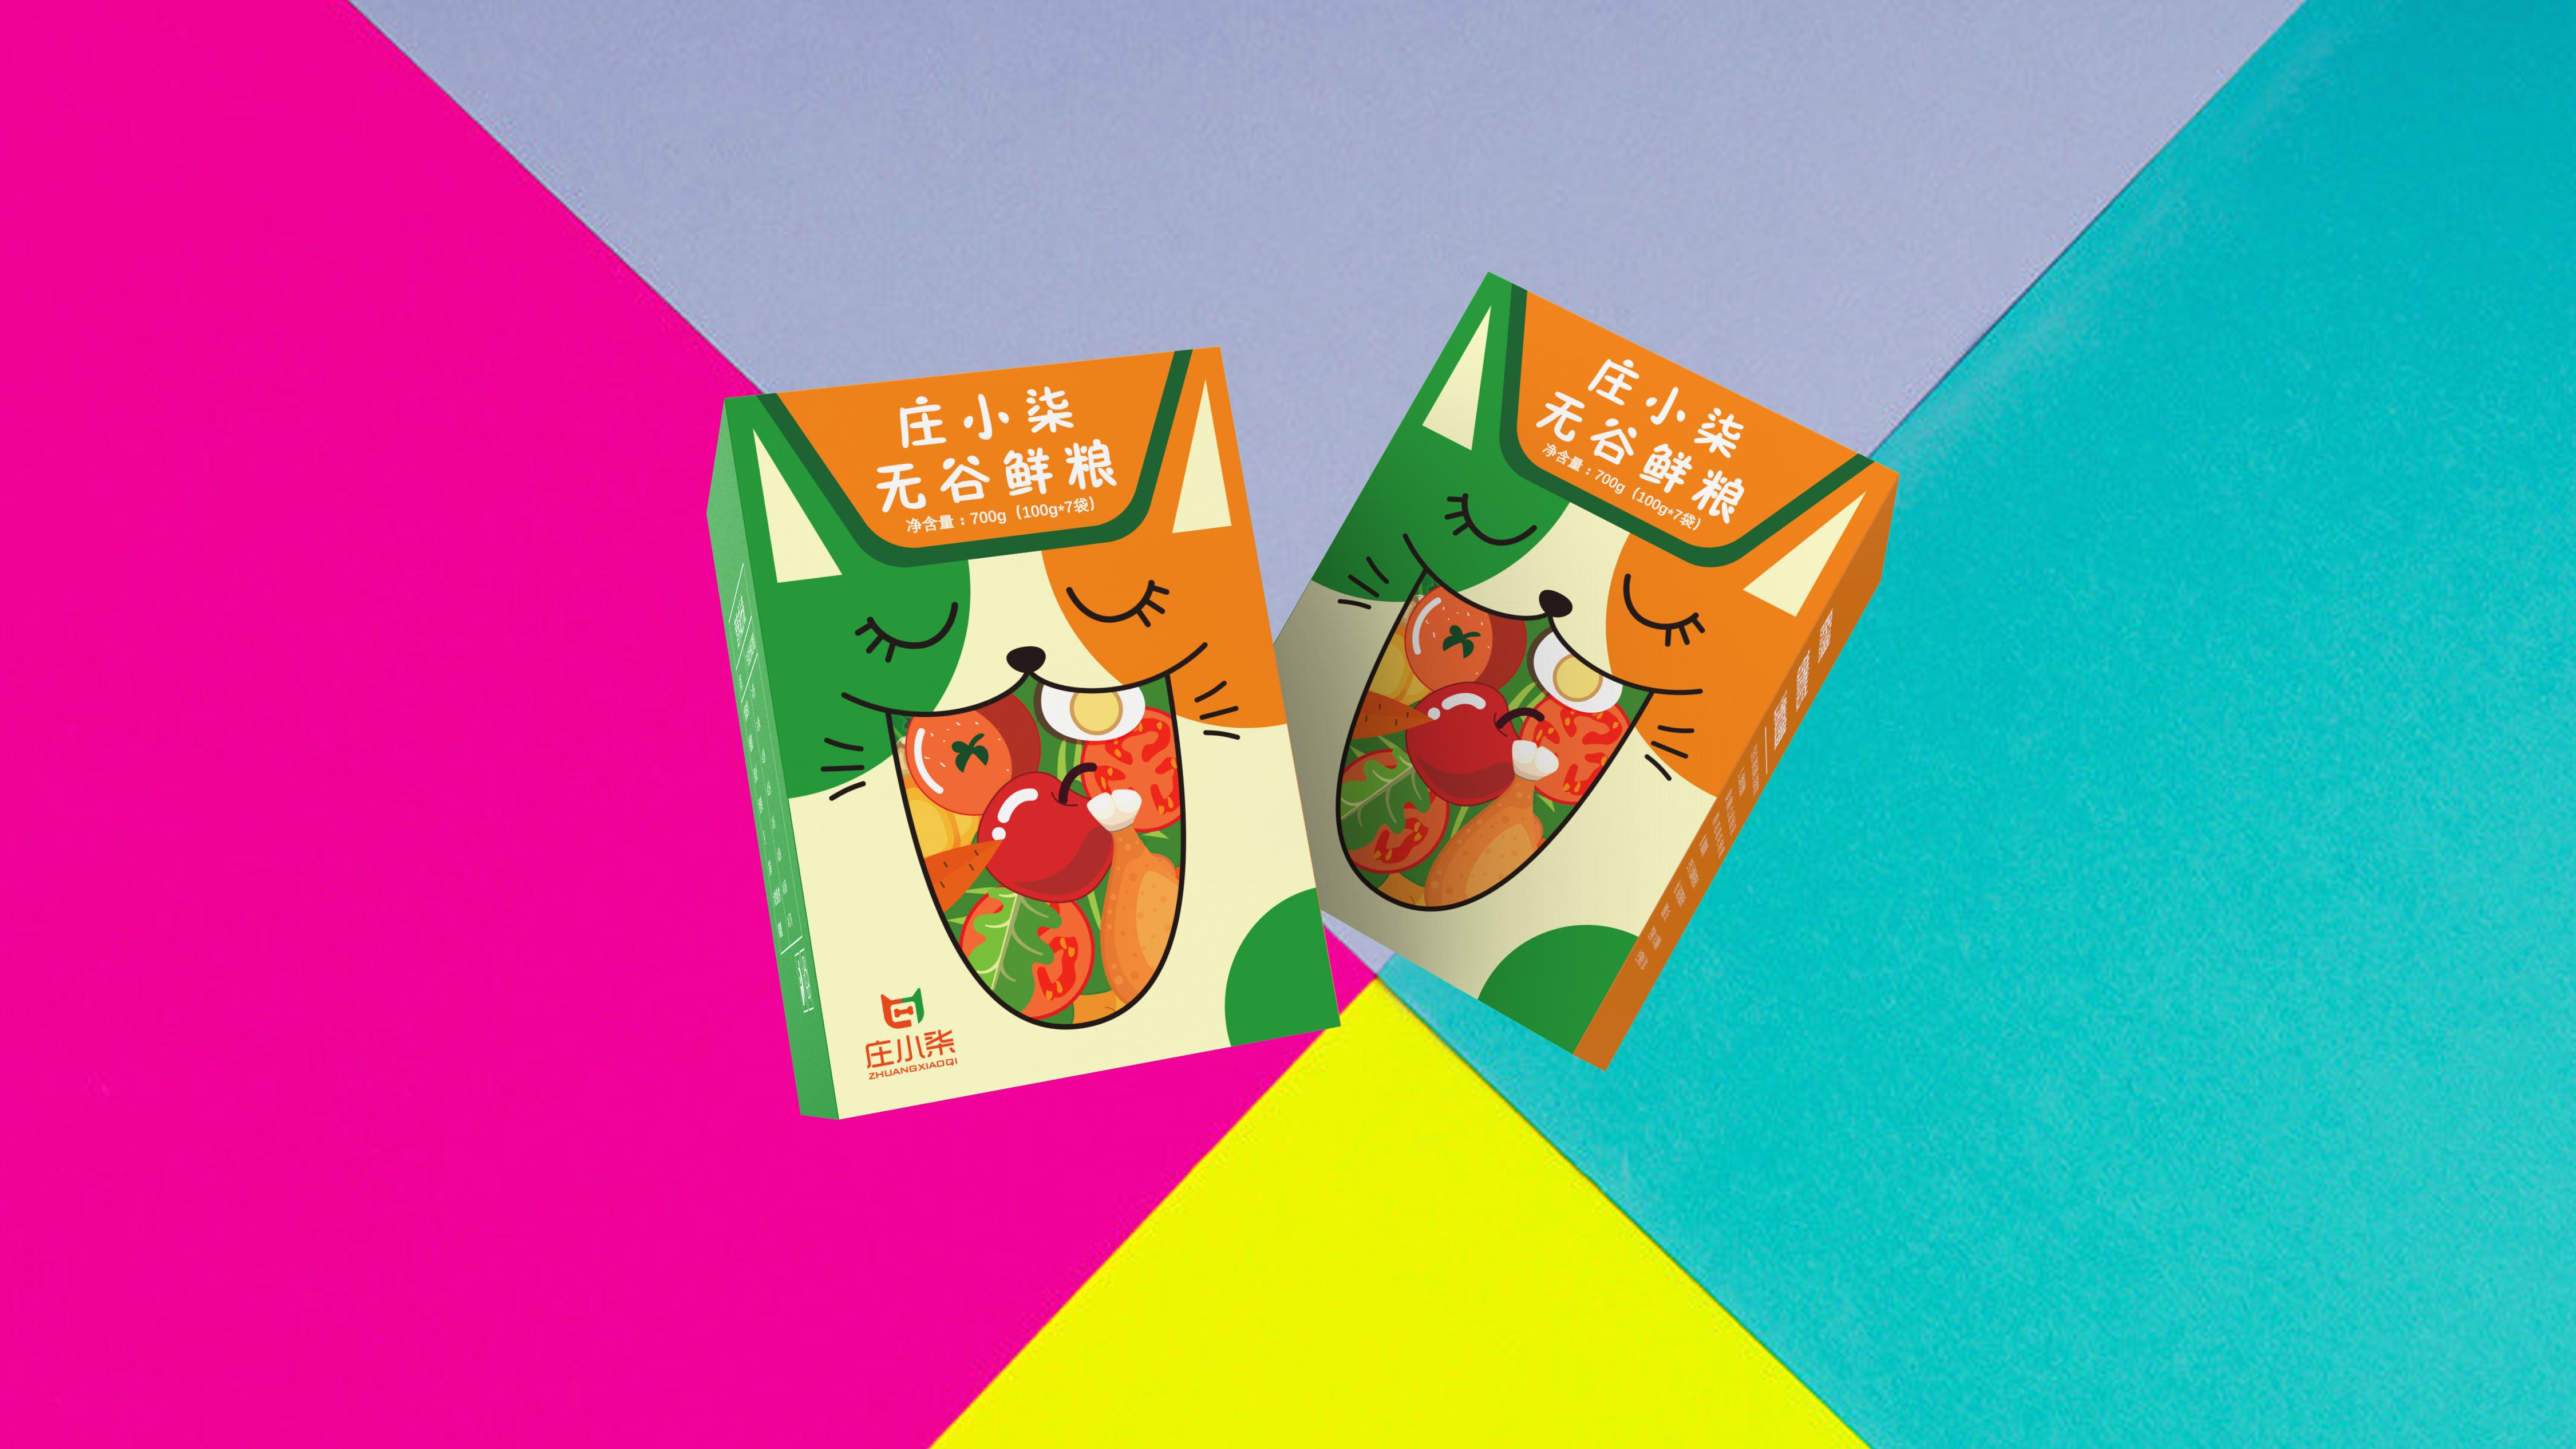 庄小柒宠物食品设计